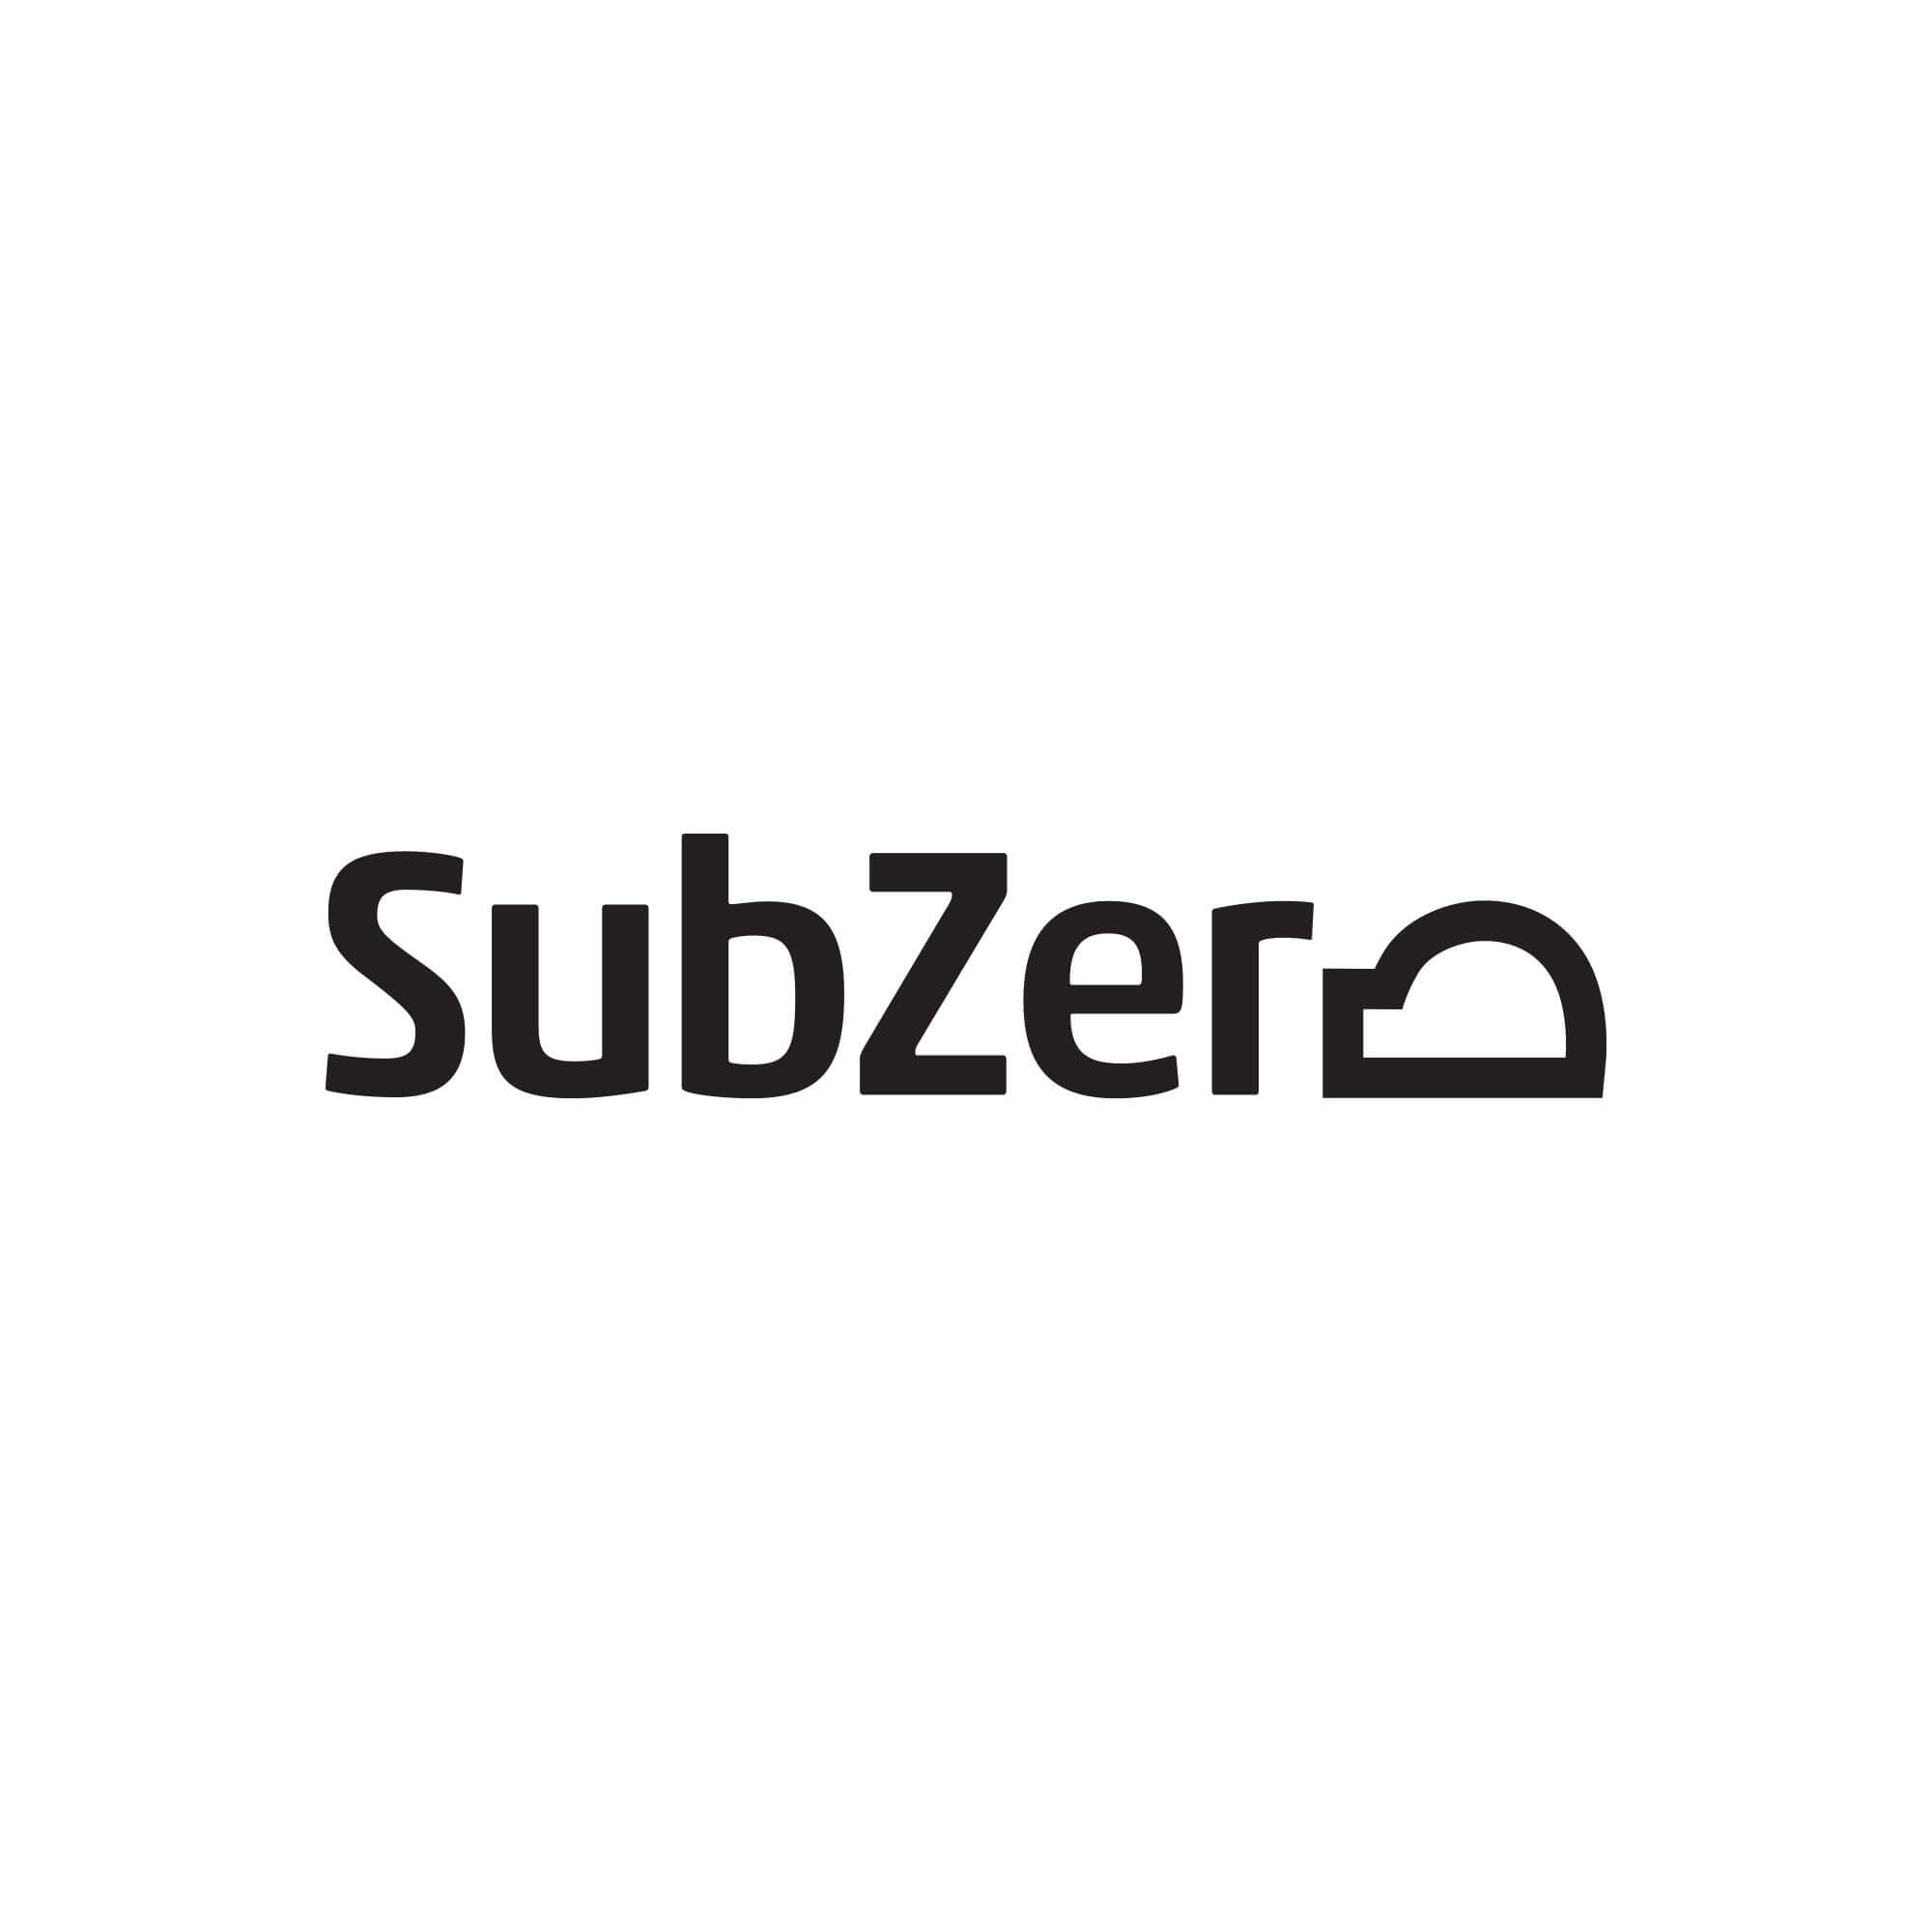 logos_0010_subzero